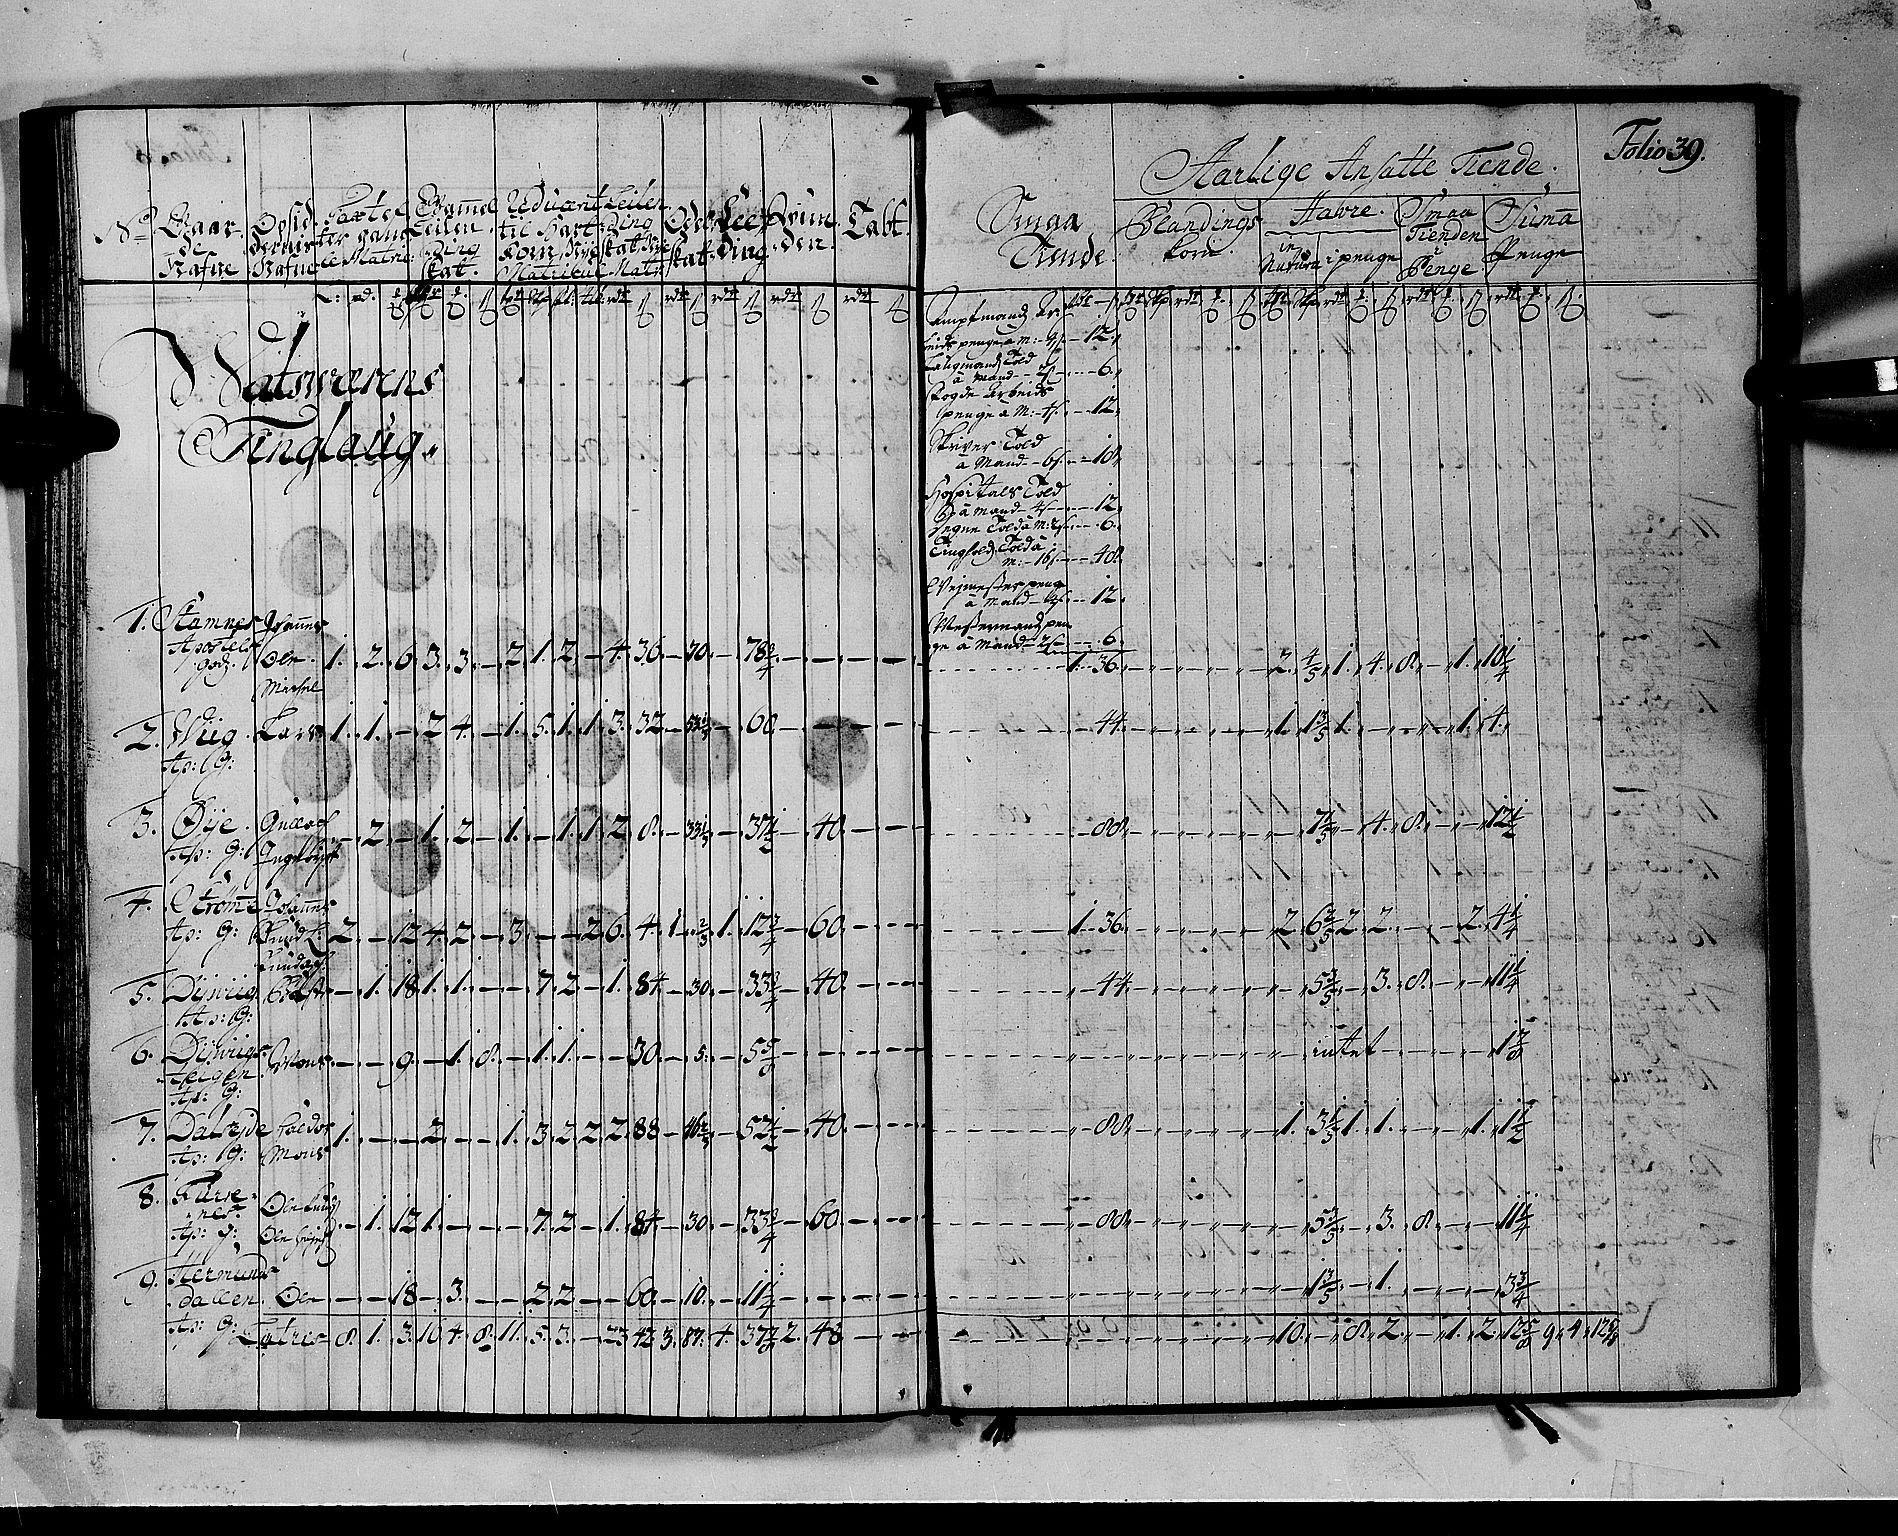 RA, Rentekammeret inntil 1814, Realistisk ordnet avdeling, N/Nb/Nbf/L0142: Voss matrikkelprotokoll, 1723, s. 38b-39a